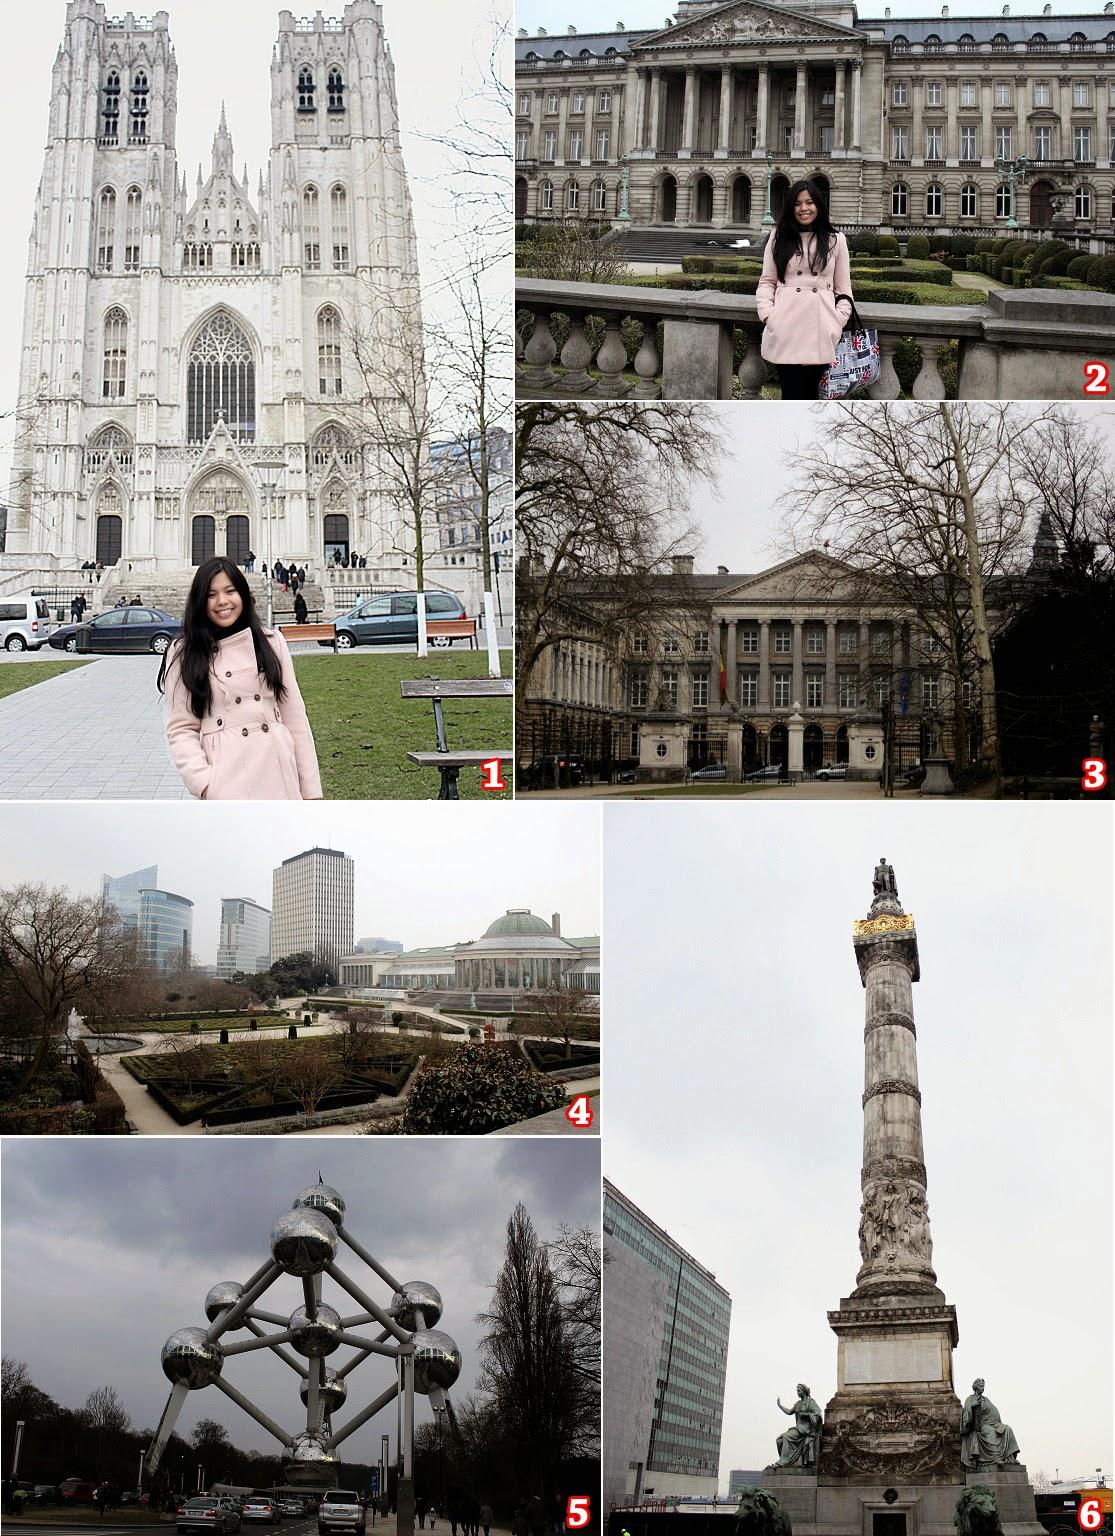 Bruxelas/Brussels